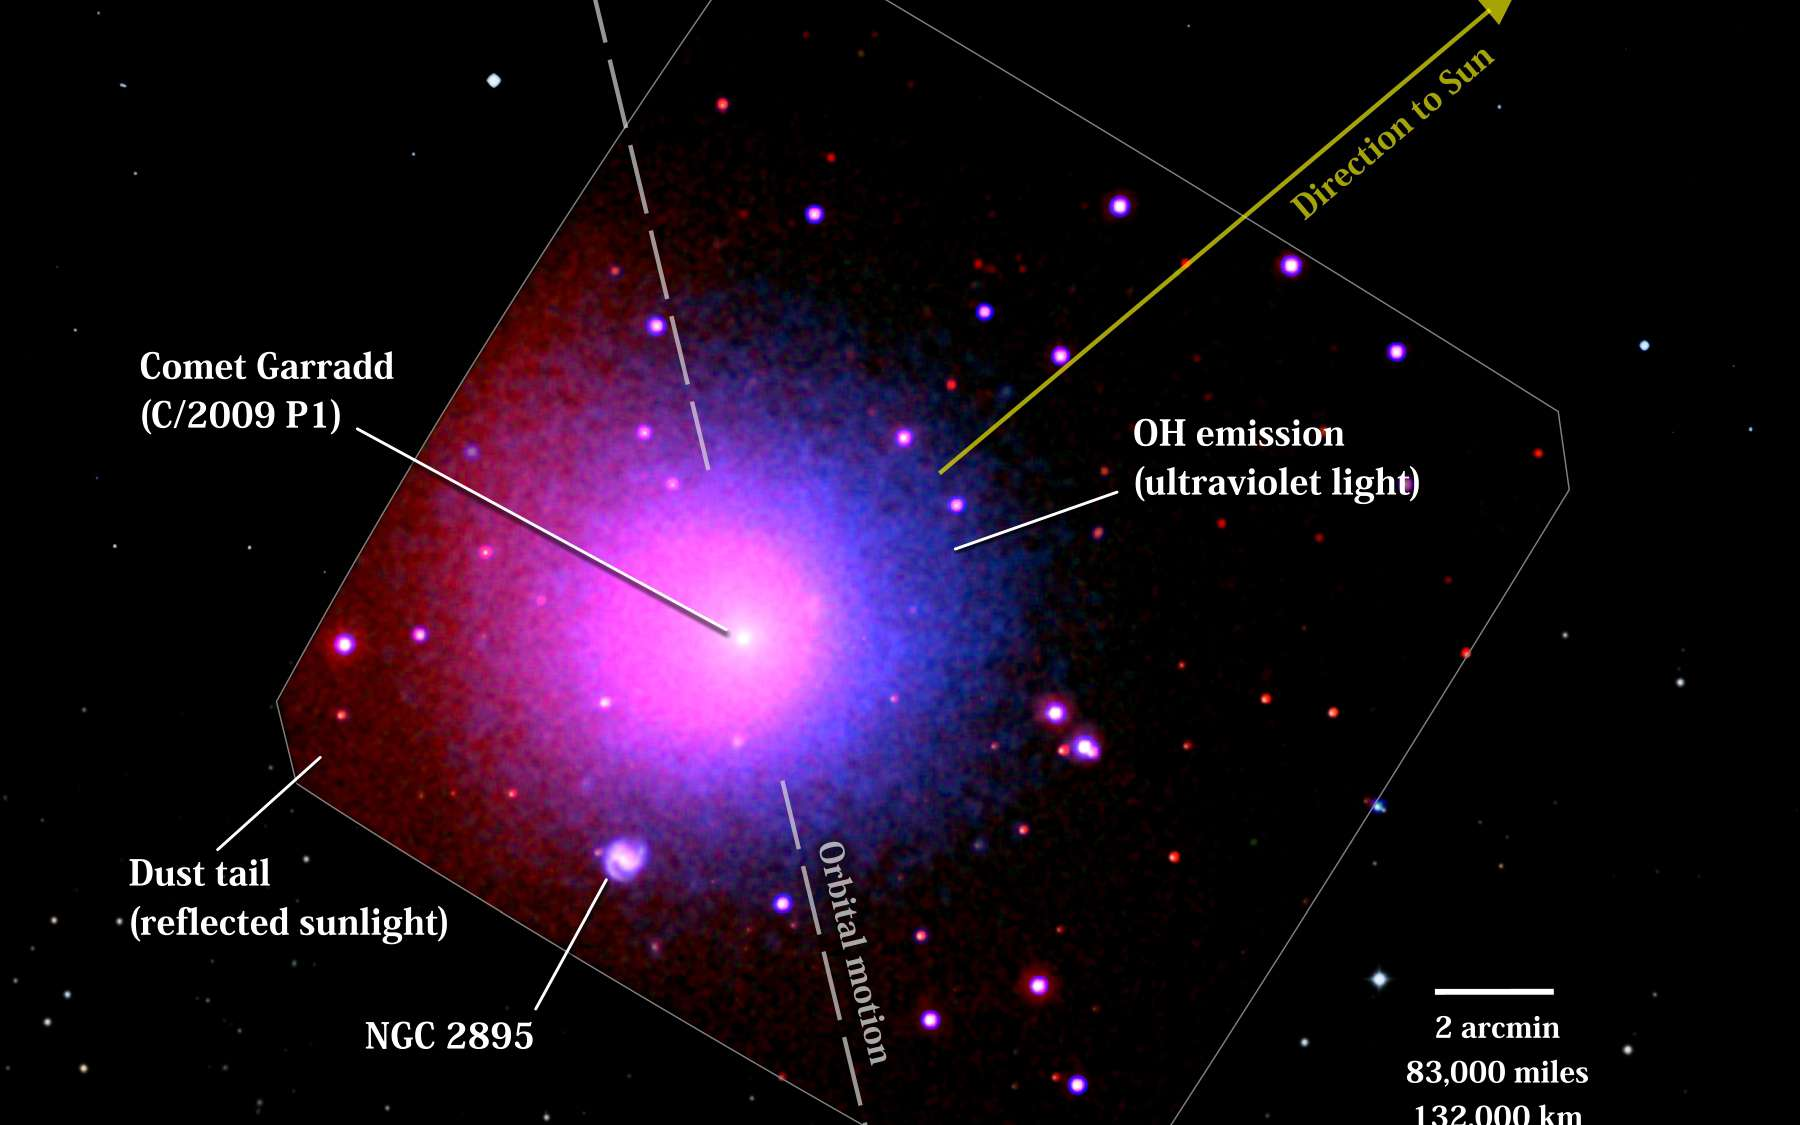 Cette image de la comète Garradd a été obtenue le 1er avril 2012 par le télescope Swift. On observe en rouge la lumière solaire réfléchie par les poussières autour du noyau de la comète et en bleu l'émission des radicaux hydroxyles provenant de la photodissociation des molécules d'eau. © Nasa/Swift/D. Bodewits (UMD) et S. Immler (GSFC) et DSS/STScI/Aura